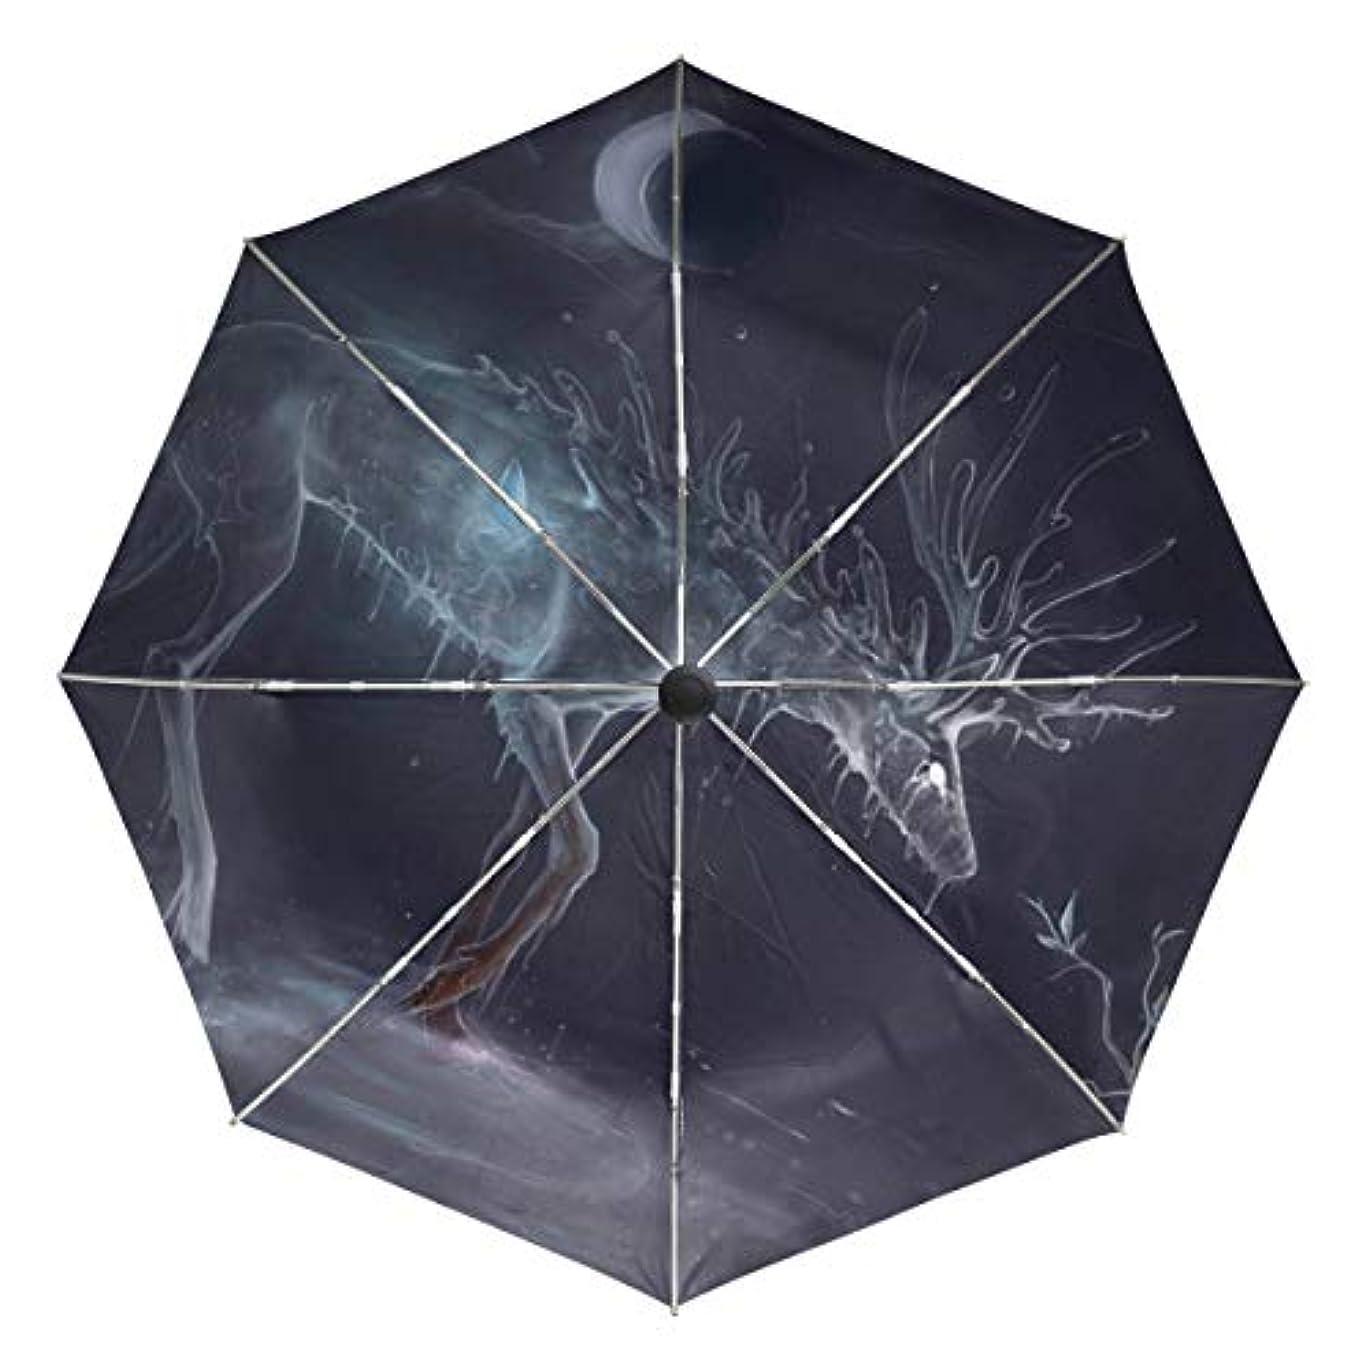 人間キャンドル葉巻傘 自動傘 丈夫 台風対策 雨傘 日傘 銀河 月 エルク 三つ折り傘 日よけ傘 日焼け止め 折りたたみ傘 UVカット 紫外線カット 自動開閉 晴雨兼用 梅雨対策